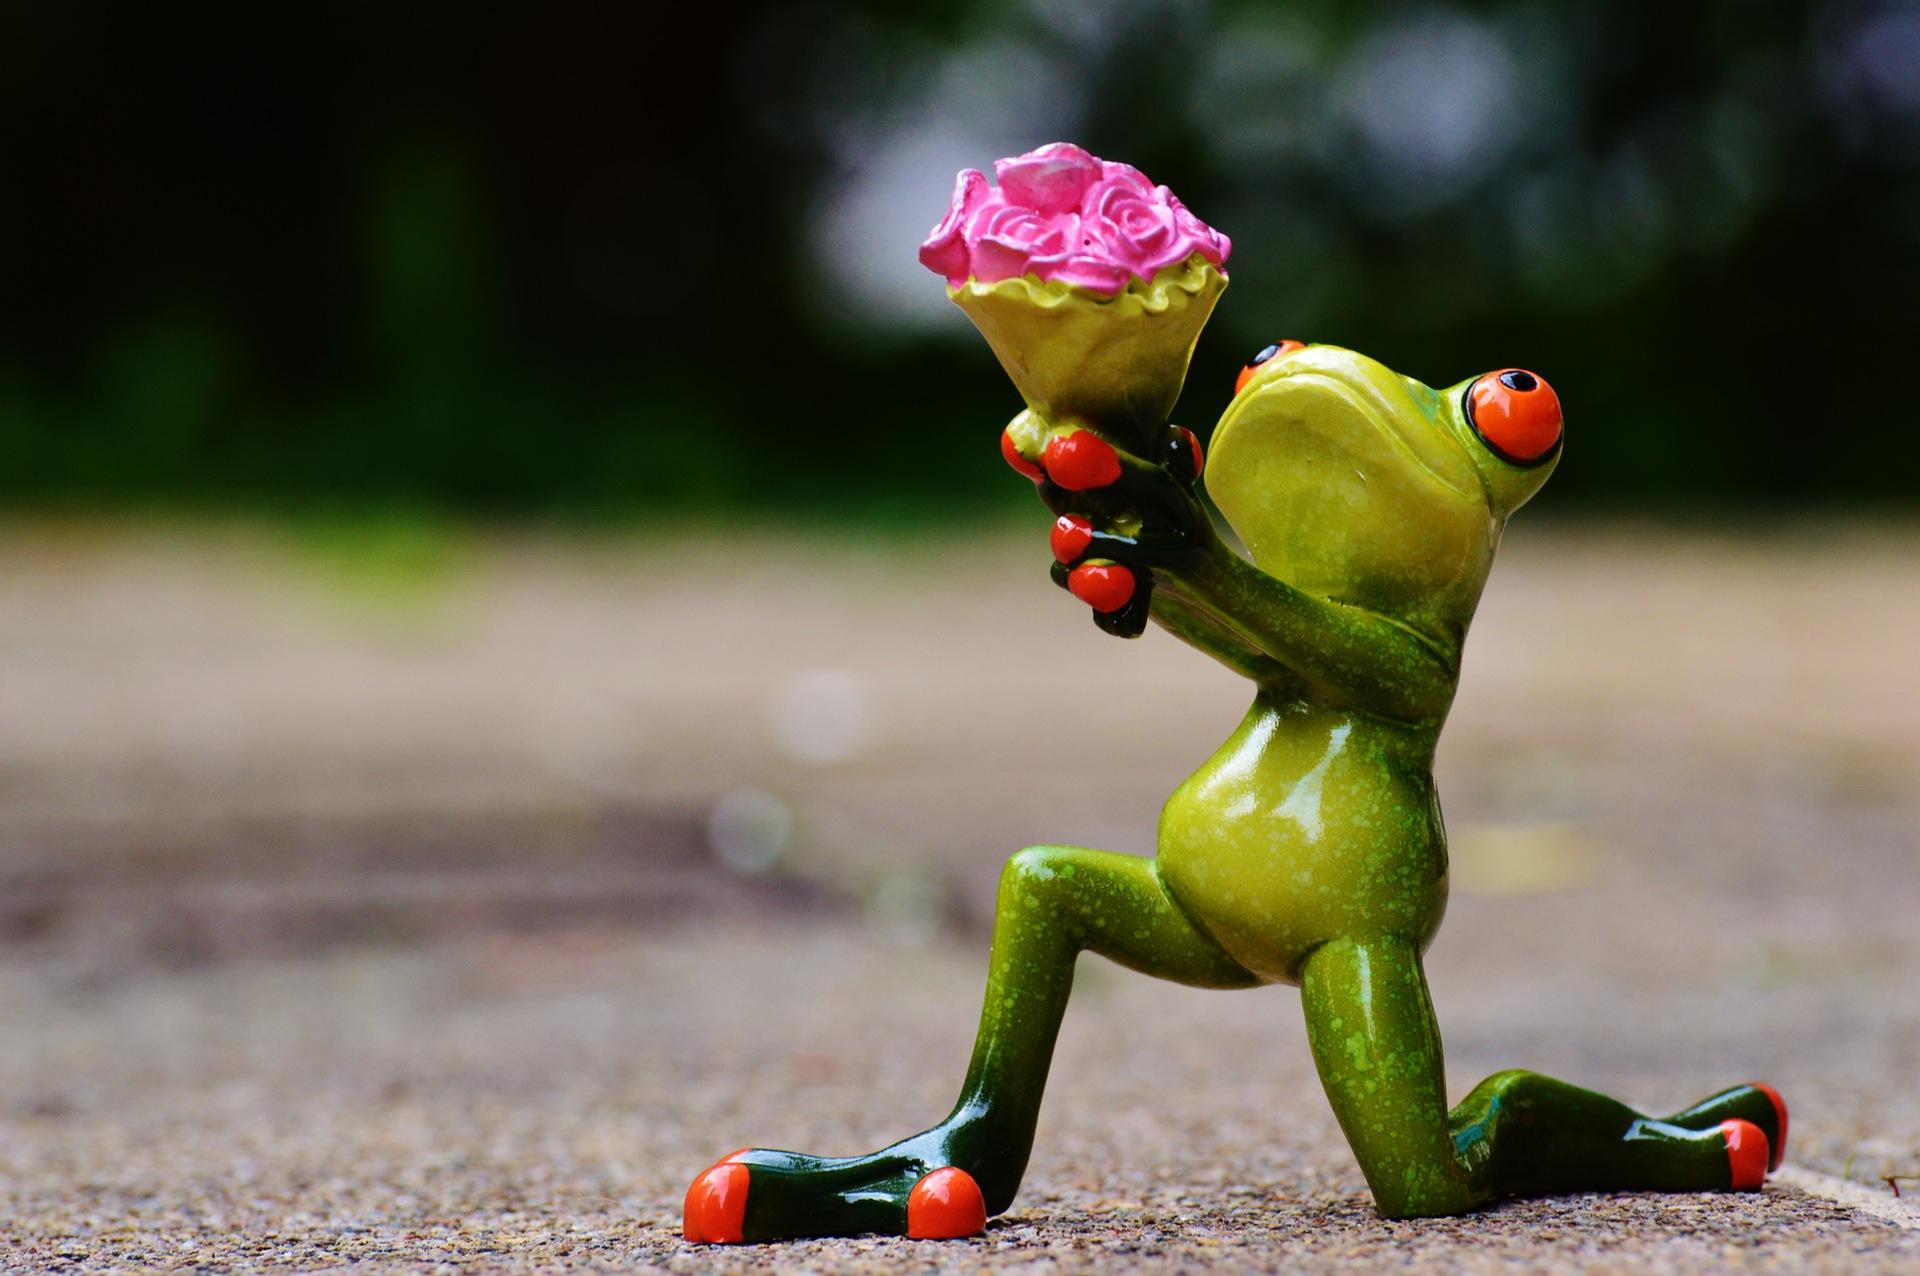 青蛙, 花, 爱, 宽恕, 礼物, 玫瑰, 甜, 在你的膝盖上 - 高清壁纸 - 教授-falken.com